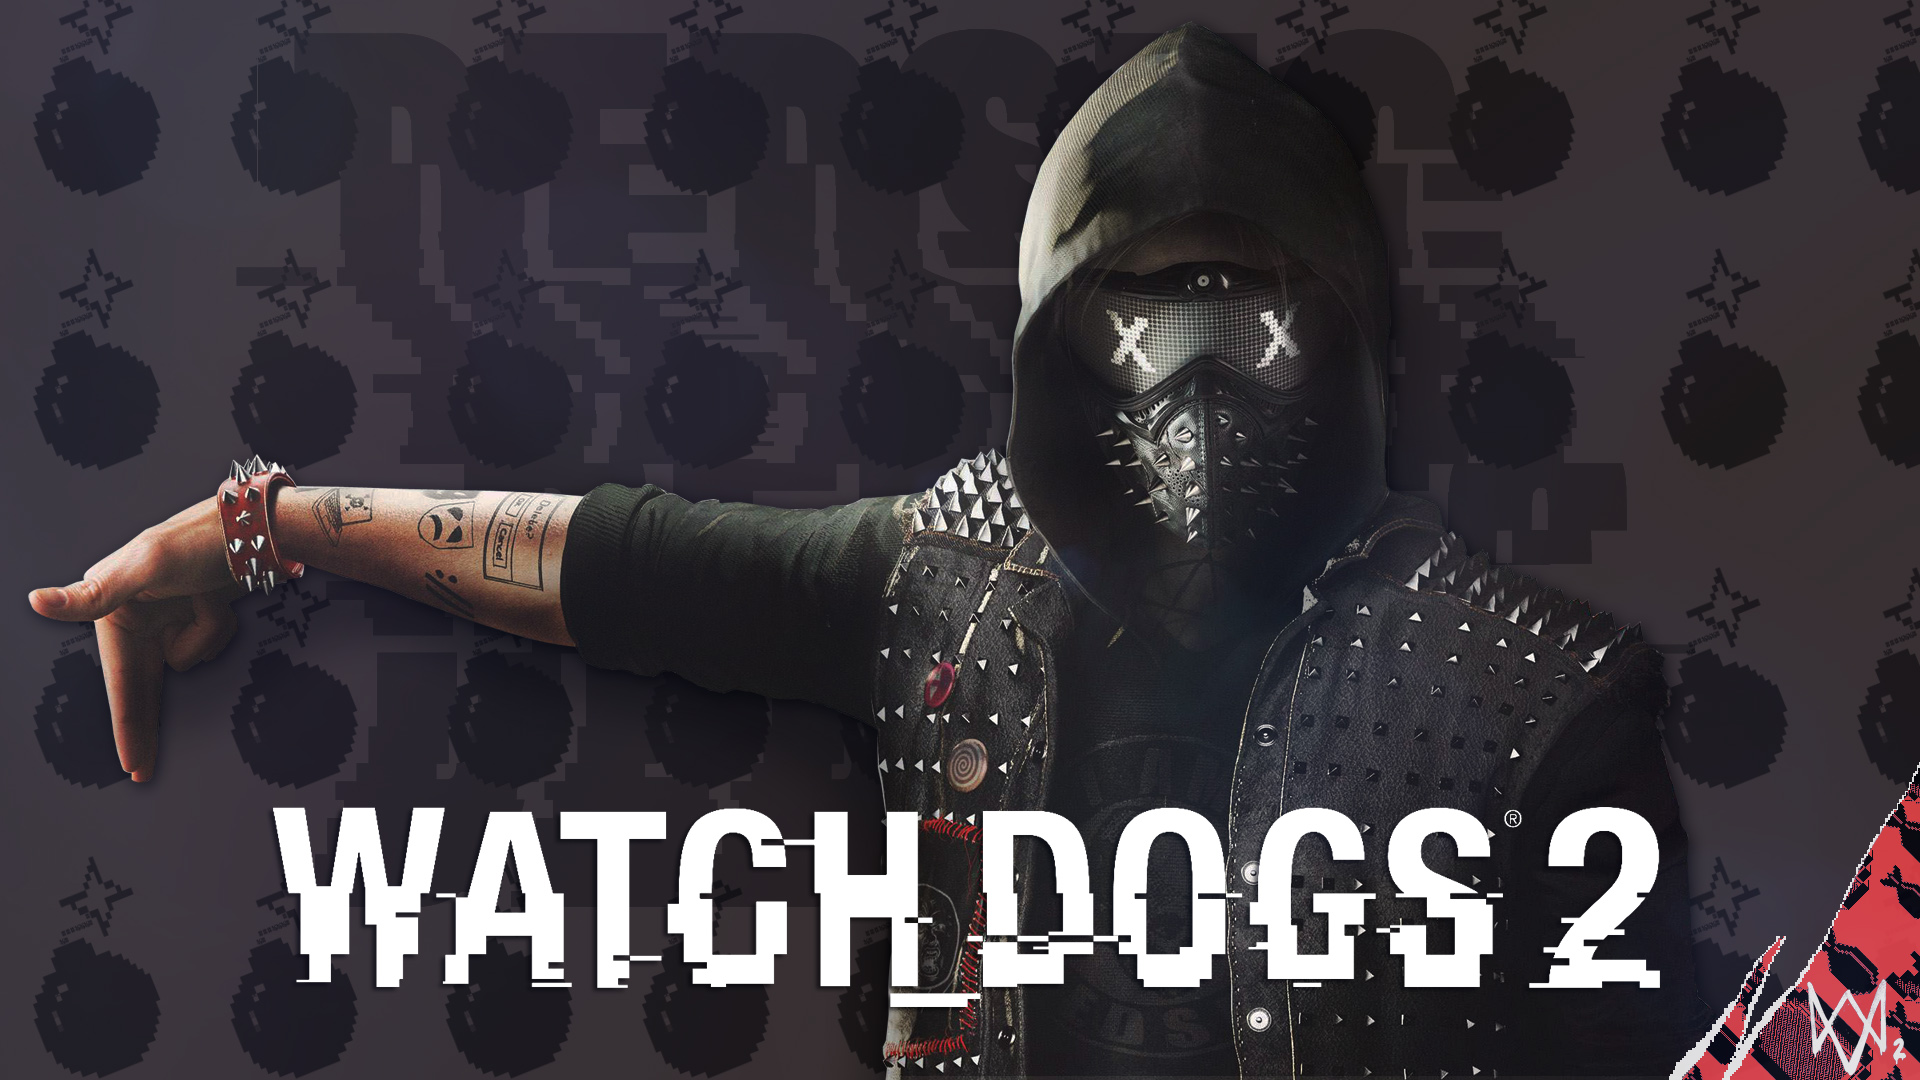 Pewdiepie Watch Dogs